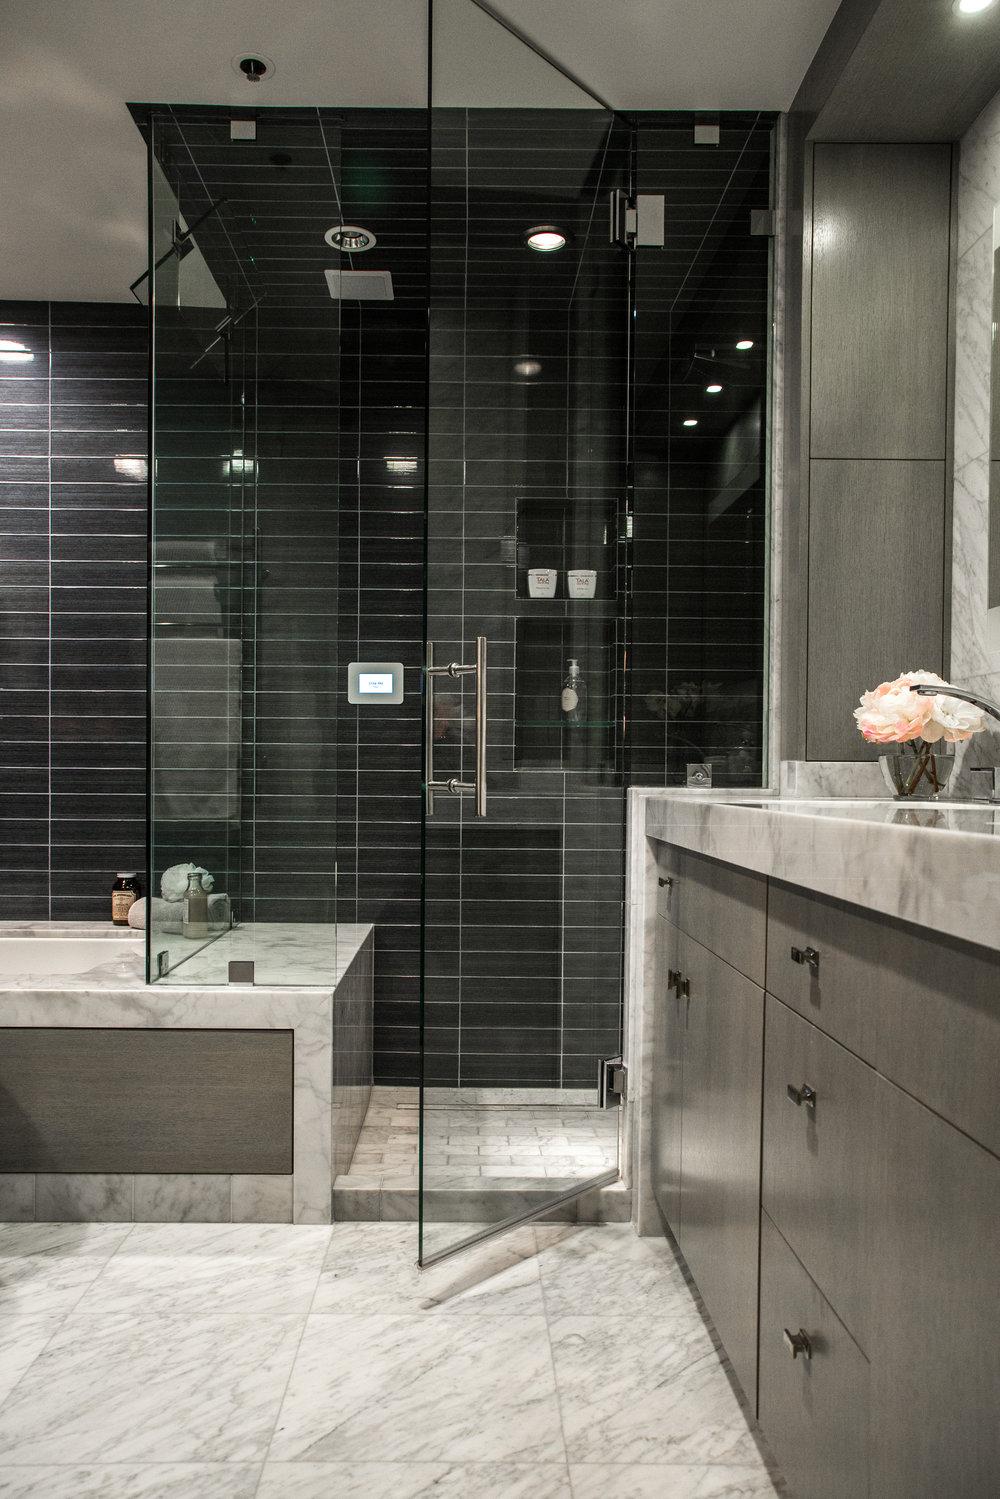 Steam shower designed in luxury bathroom by Designer: Lori Gilder #steamshower #blacktile #bathroomremodel